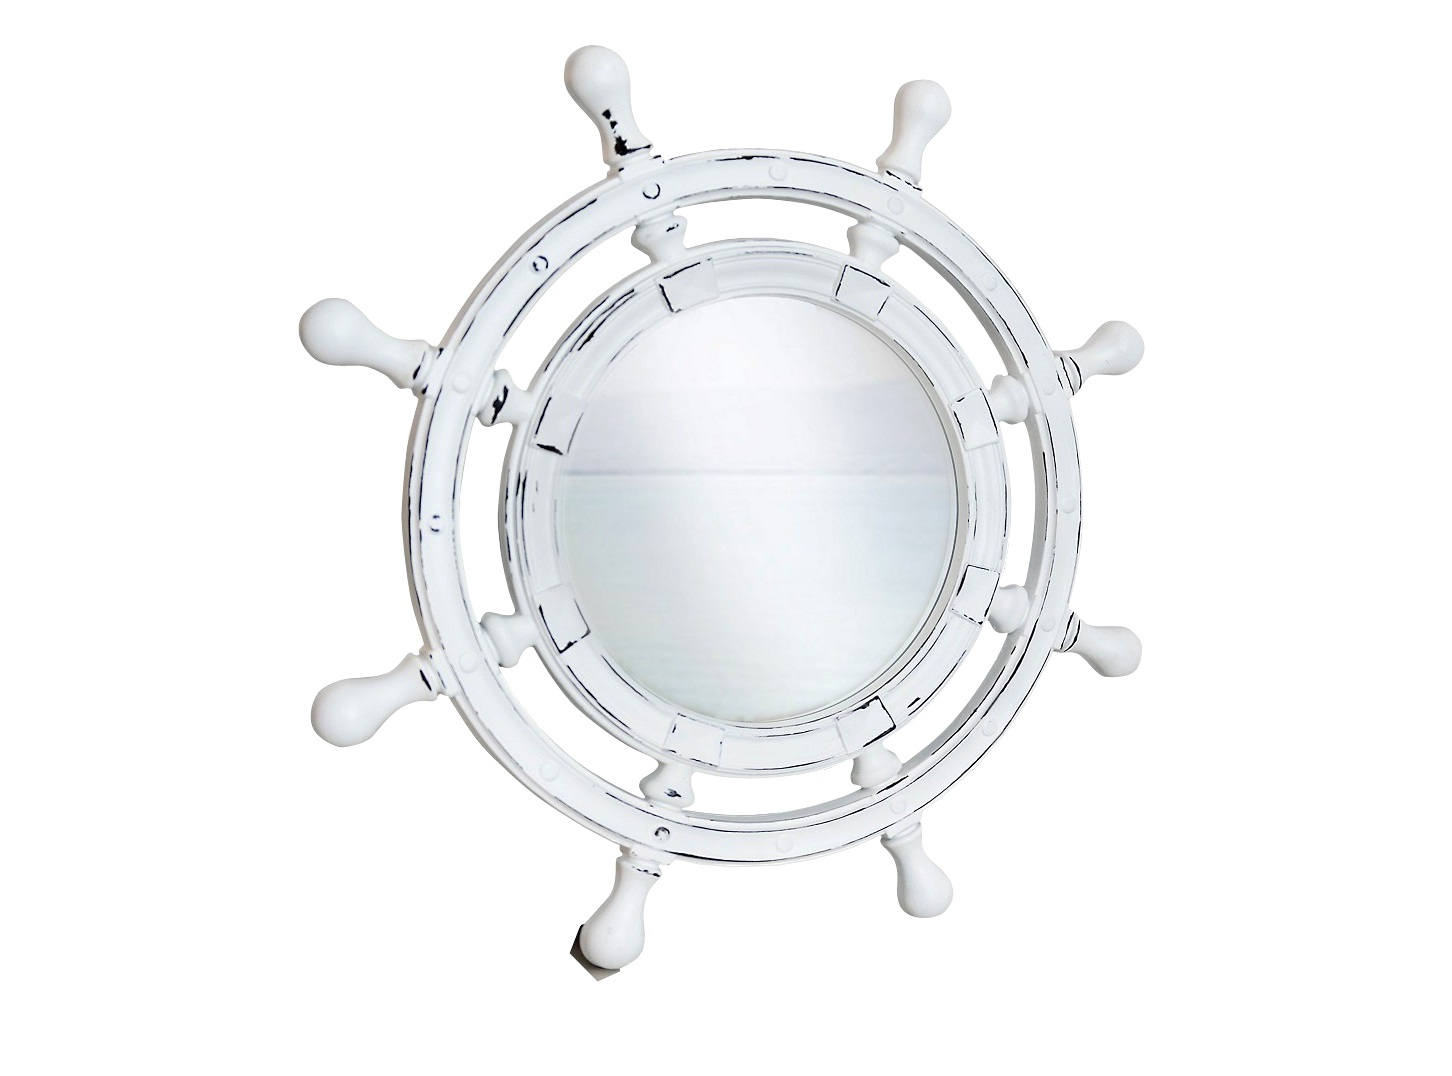 Зеркало ШтурвалНастенные зеркала<br>&amp;lt;div&amp;gt;Зеркало в форме штурвала — великолепная стилизованная вещица, окрашенная в белый цвет с характерными &amp;quot;винтажными&amp;quot; потертостями. Необычная рама изготовлена из мебельного пенополиуретана — неприхотливого, очень прочного материала, который легко повторяет любые, даже сложные текстуры, например, поверхность элитных сортов древесины. Он не боится влаги, поэтому такое зеркало можно повесить и в ванной, и на открытом воздухе.&amp;lt;/div&amp;gt;&amp;lt;div&amp;gt;&amp;lt;br&amp;gt;&amp;lt;/div&amp;gt;&amp;lt;div&amp;gt;Цвет:&amp;amp;nbsp;Белый Шебби-шик&amp;lt;/div&amp;gt;<br><br>Material: Полиуретан<br>Глубина см: 4